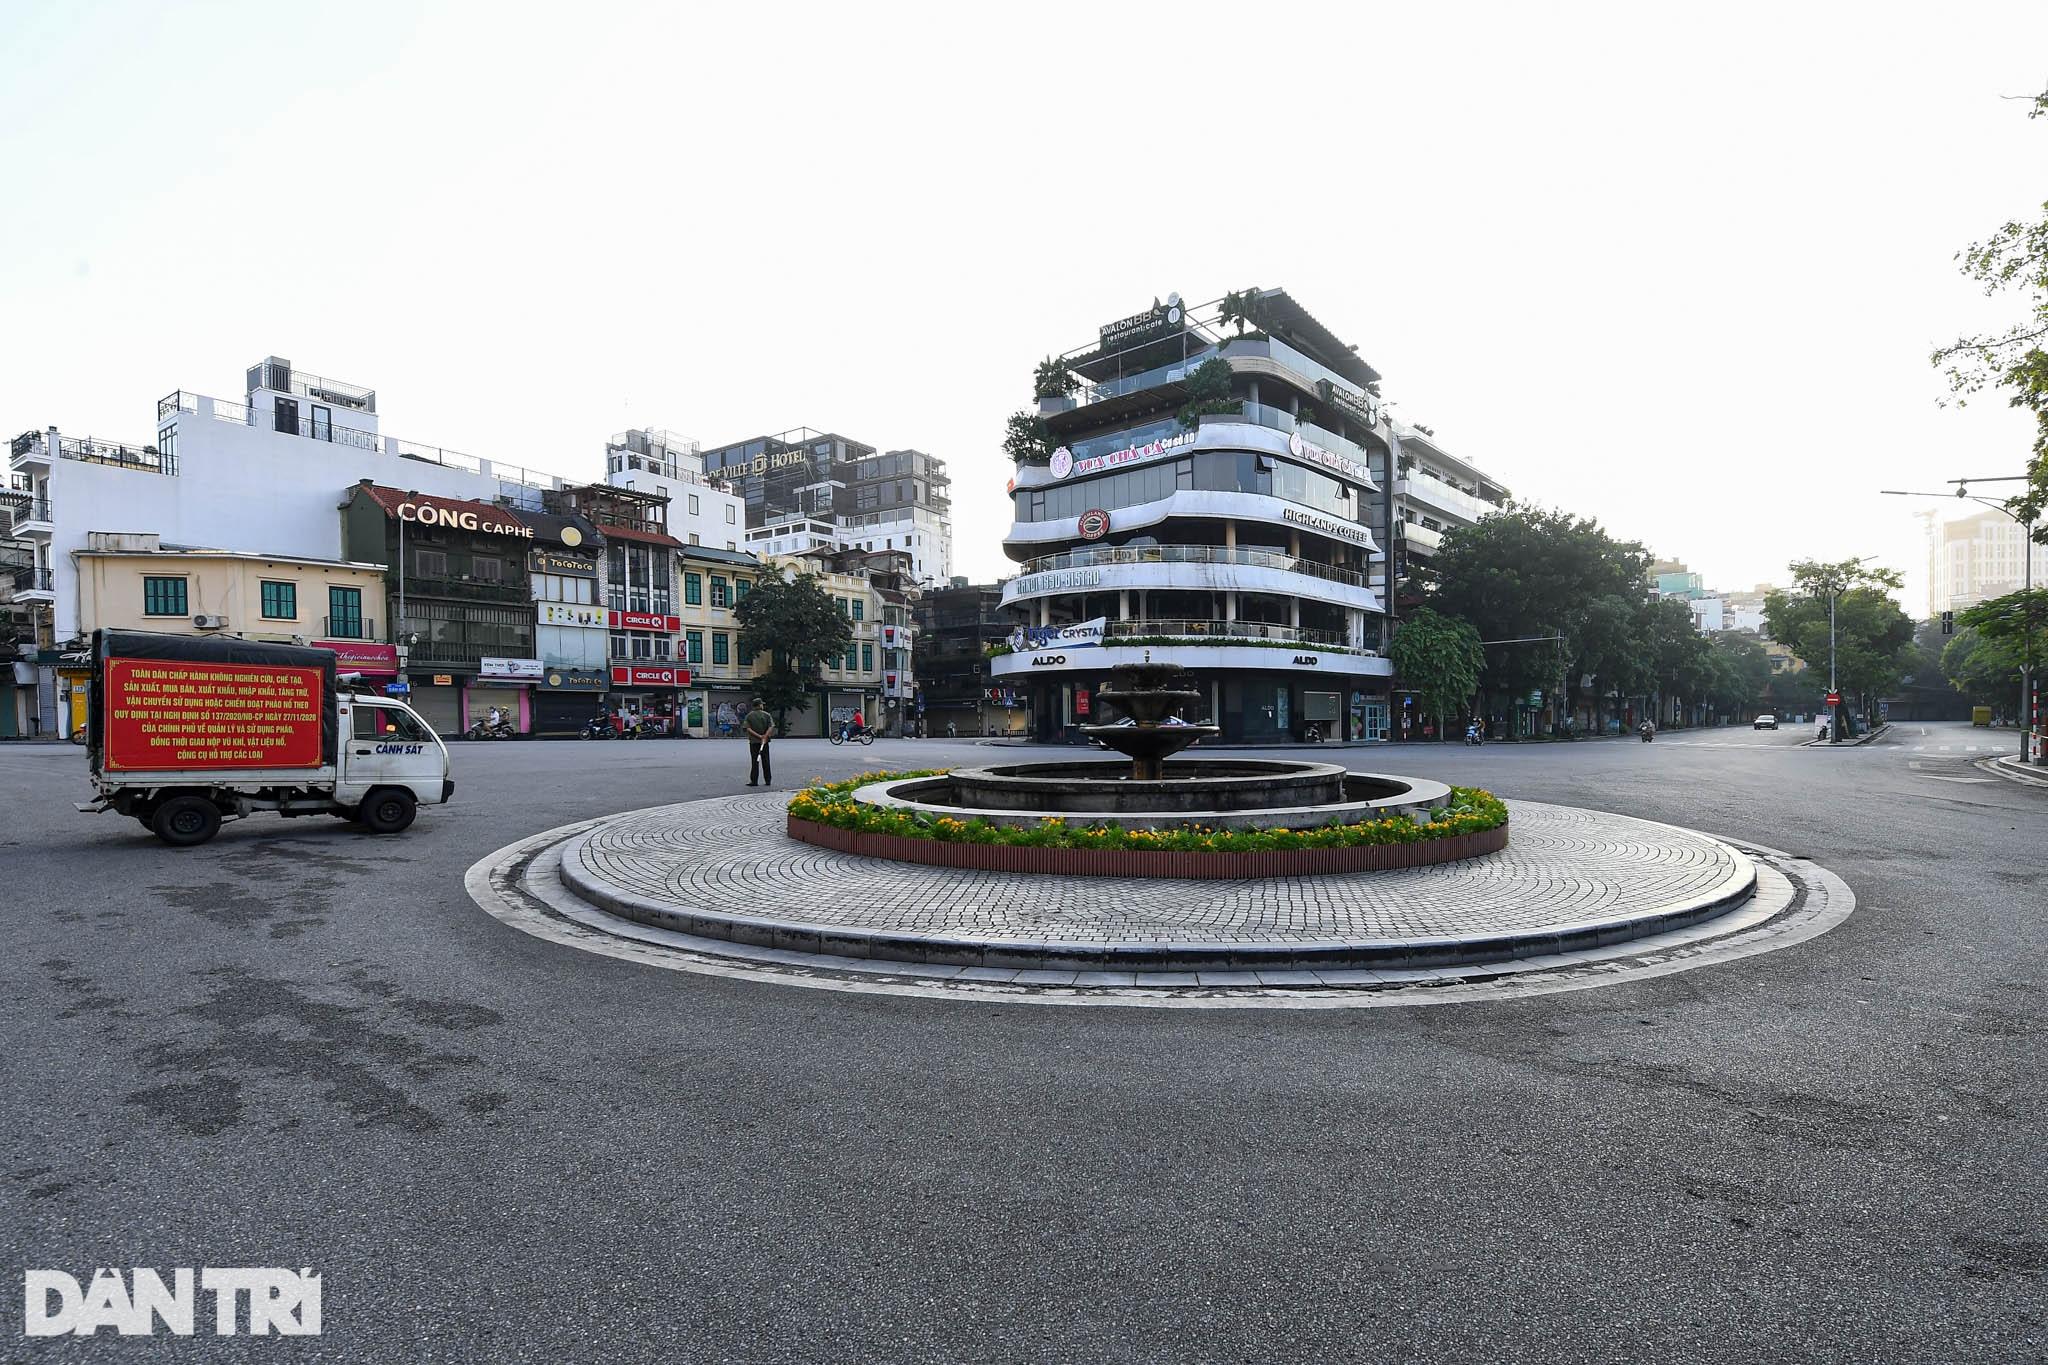 Hà Nội ngày đầu thực hiện Chỉ thị 16: Đường phố vắng, chợ dân sinh đông đúc - 2